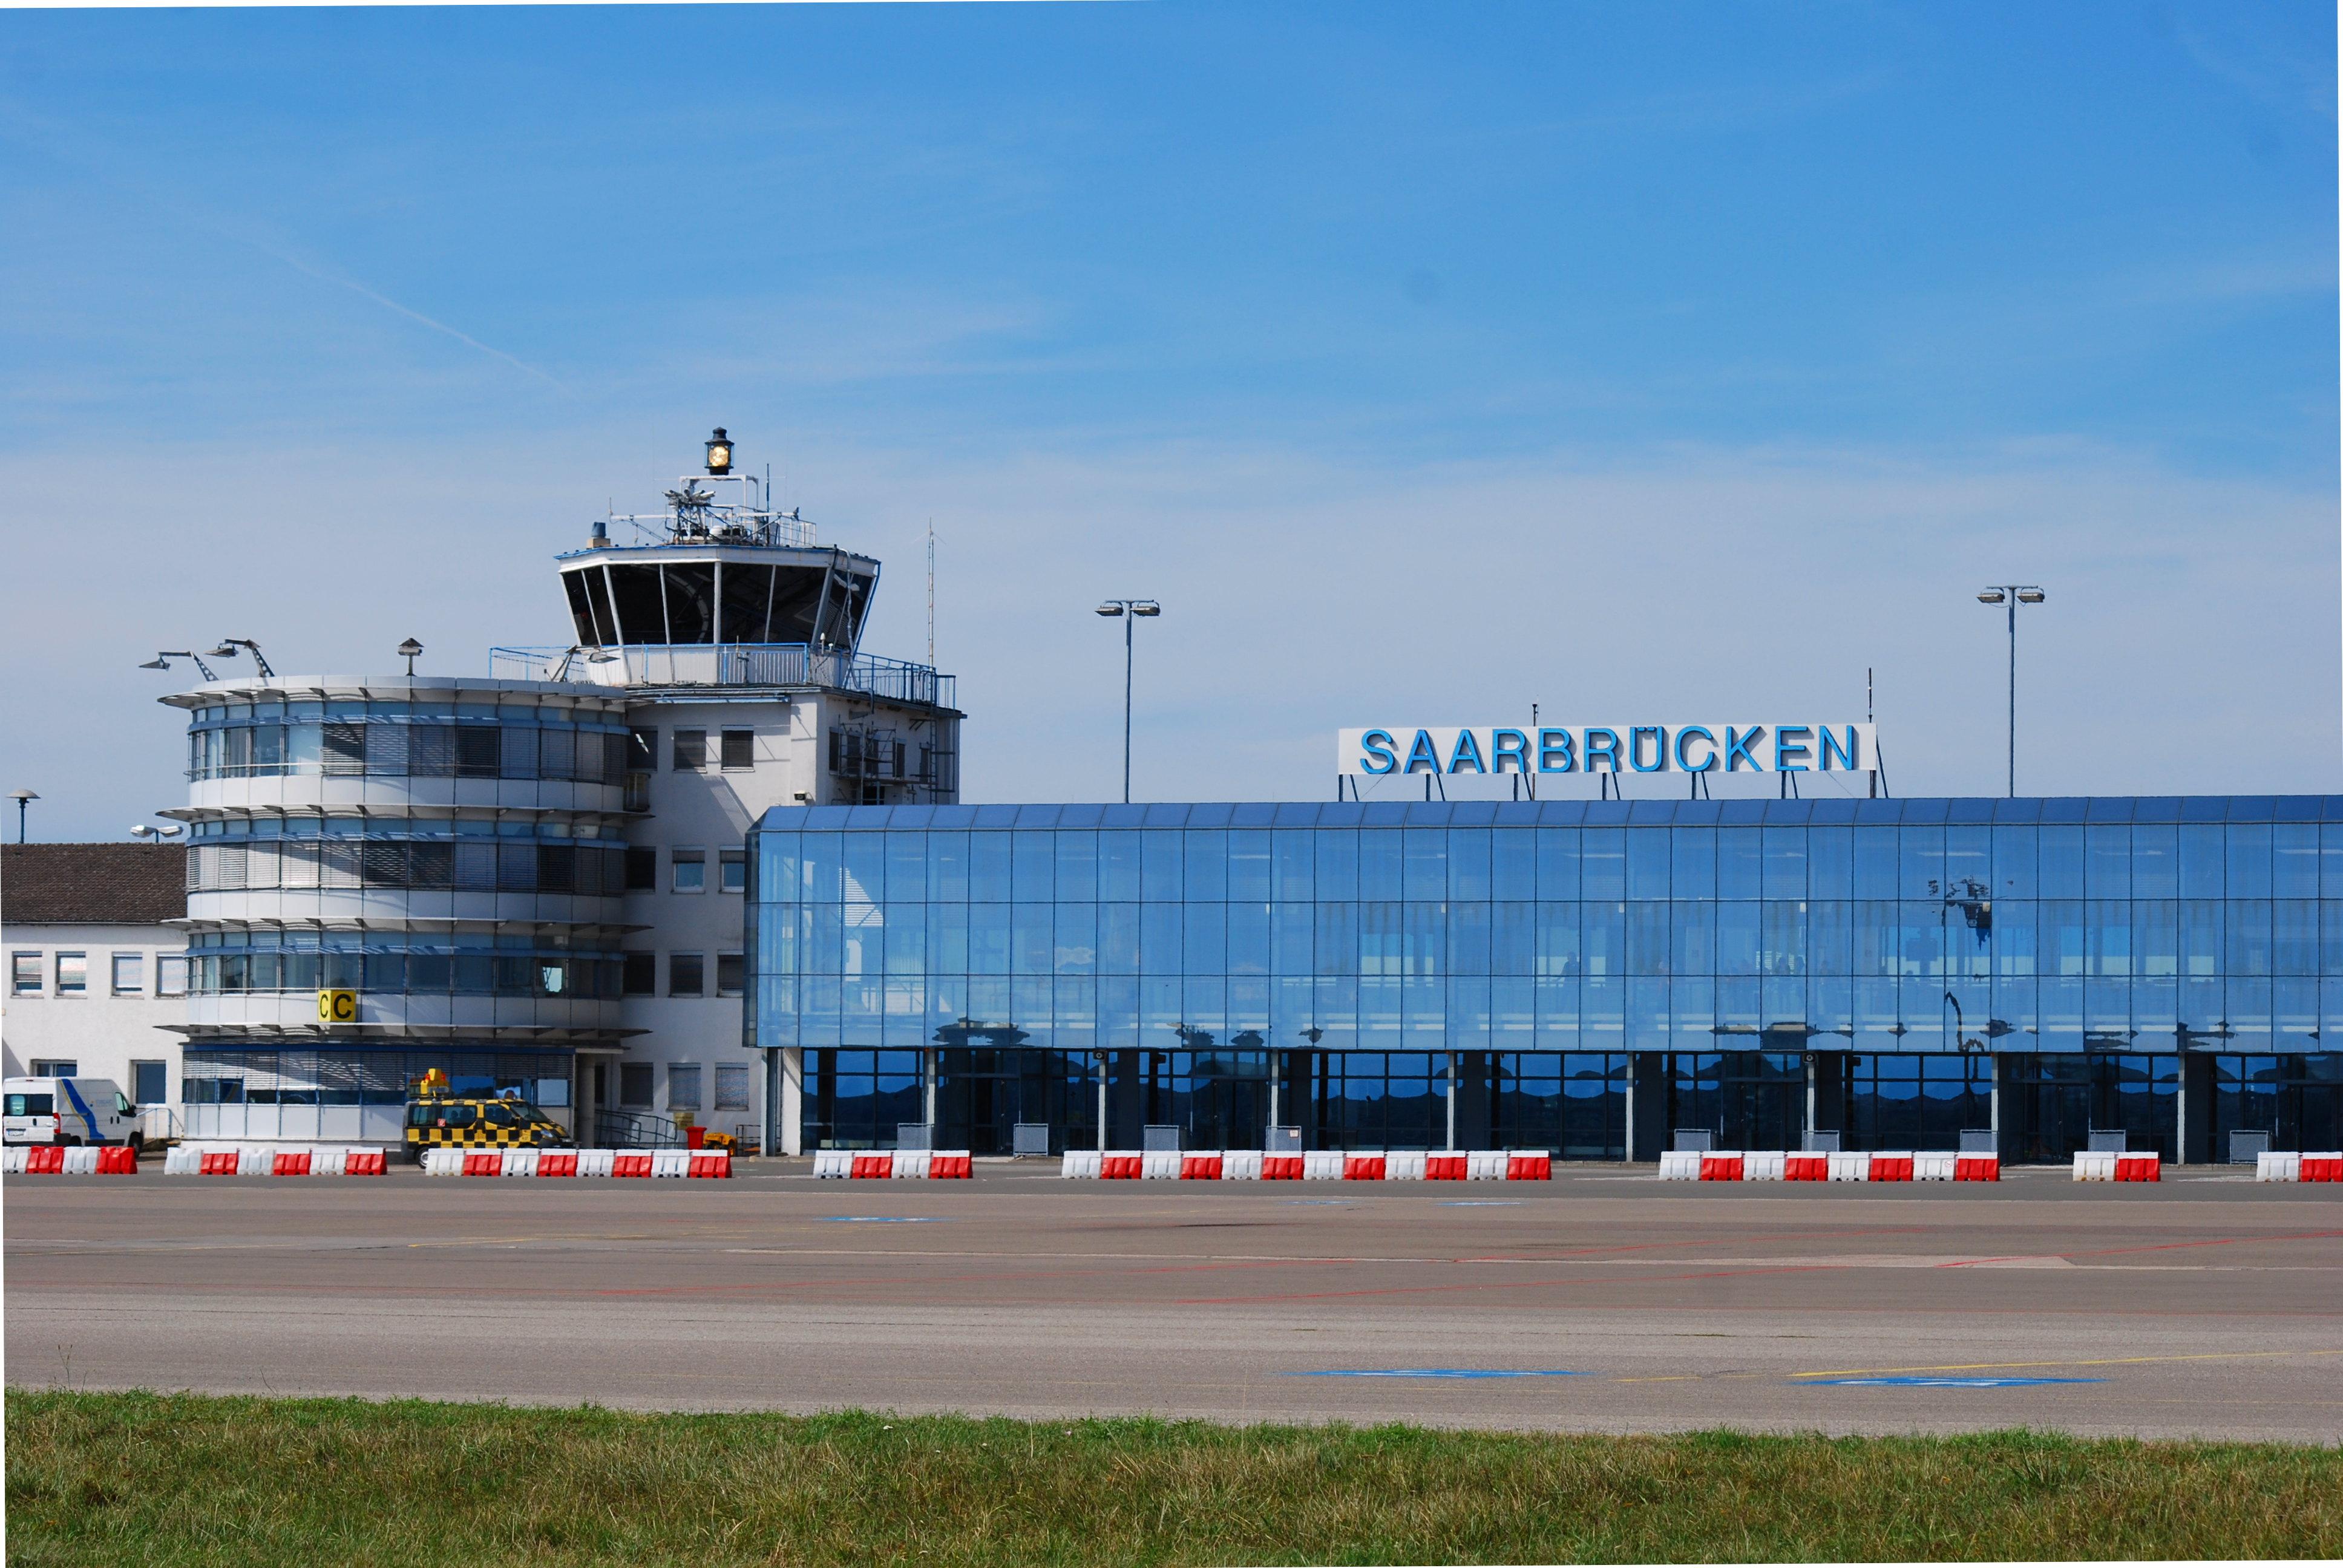 Passagierzahlen am Flughafen im Coronajahr 2020